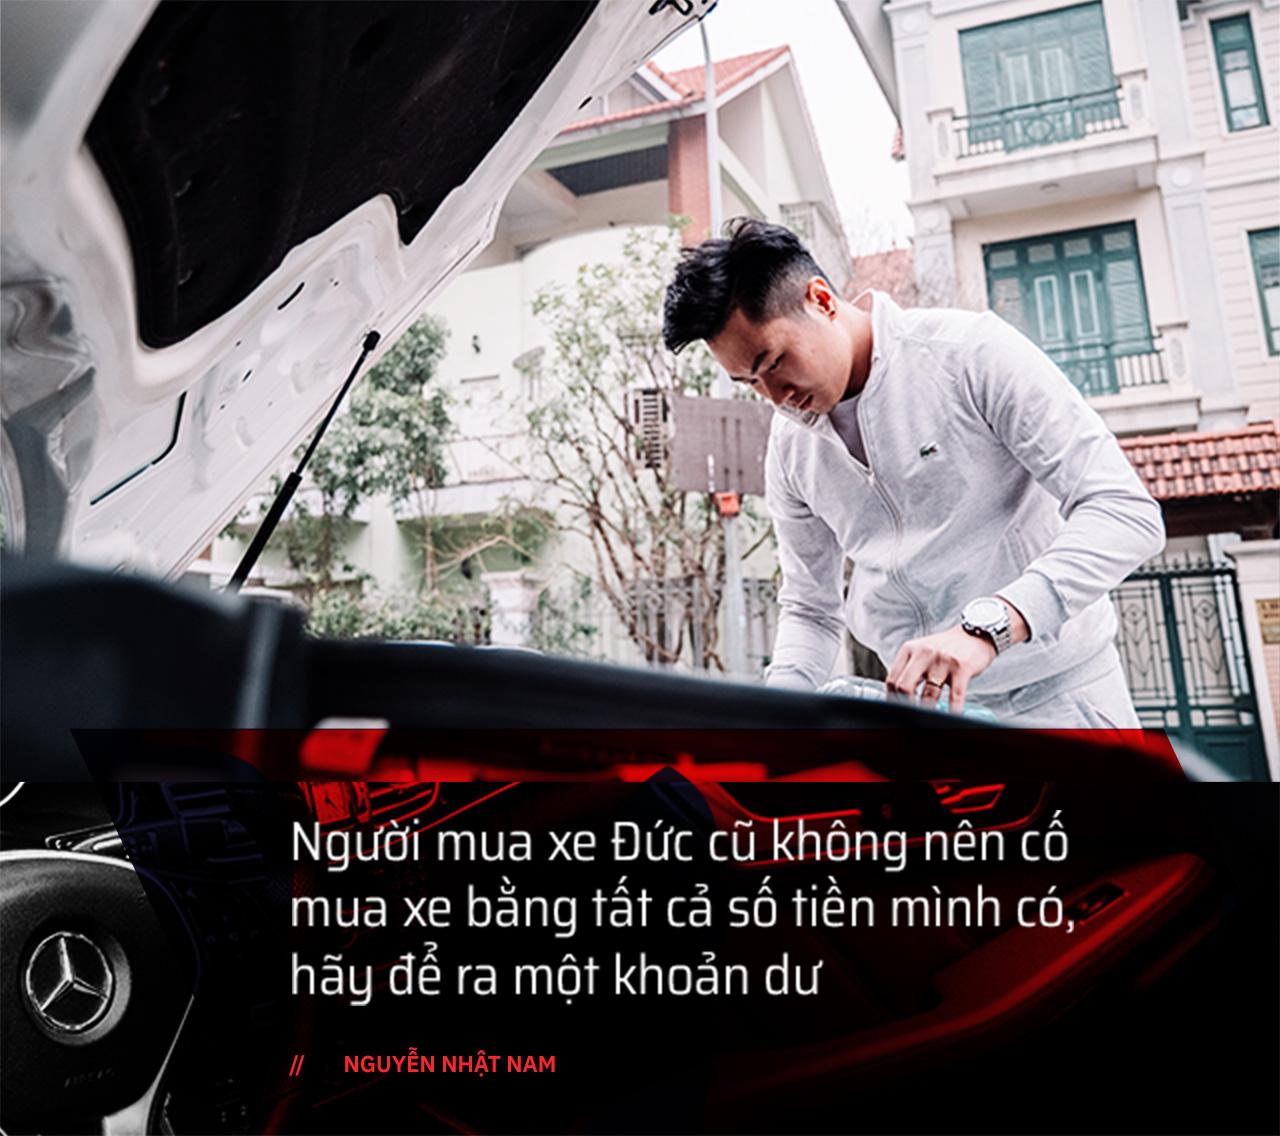 Bán Mazda6 vừa mua để tậu Mercedes cũ, người dùng chia sẻ: 'Chơi xe Đức cũ cần tiền dự phòng và đừng mong mua được xe zin' - Ảnh 9.